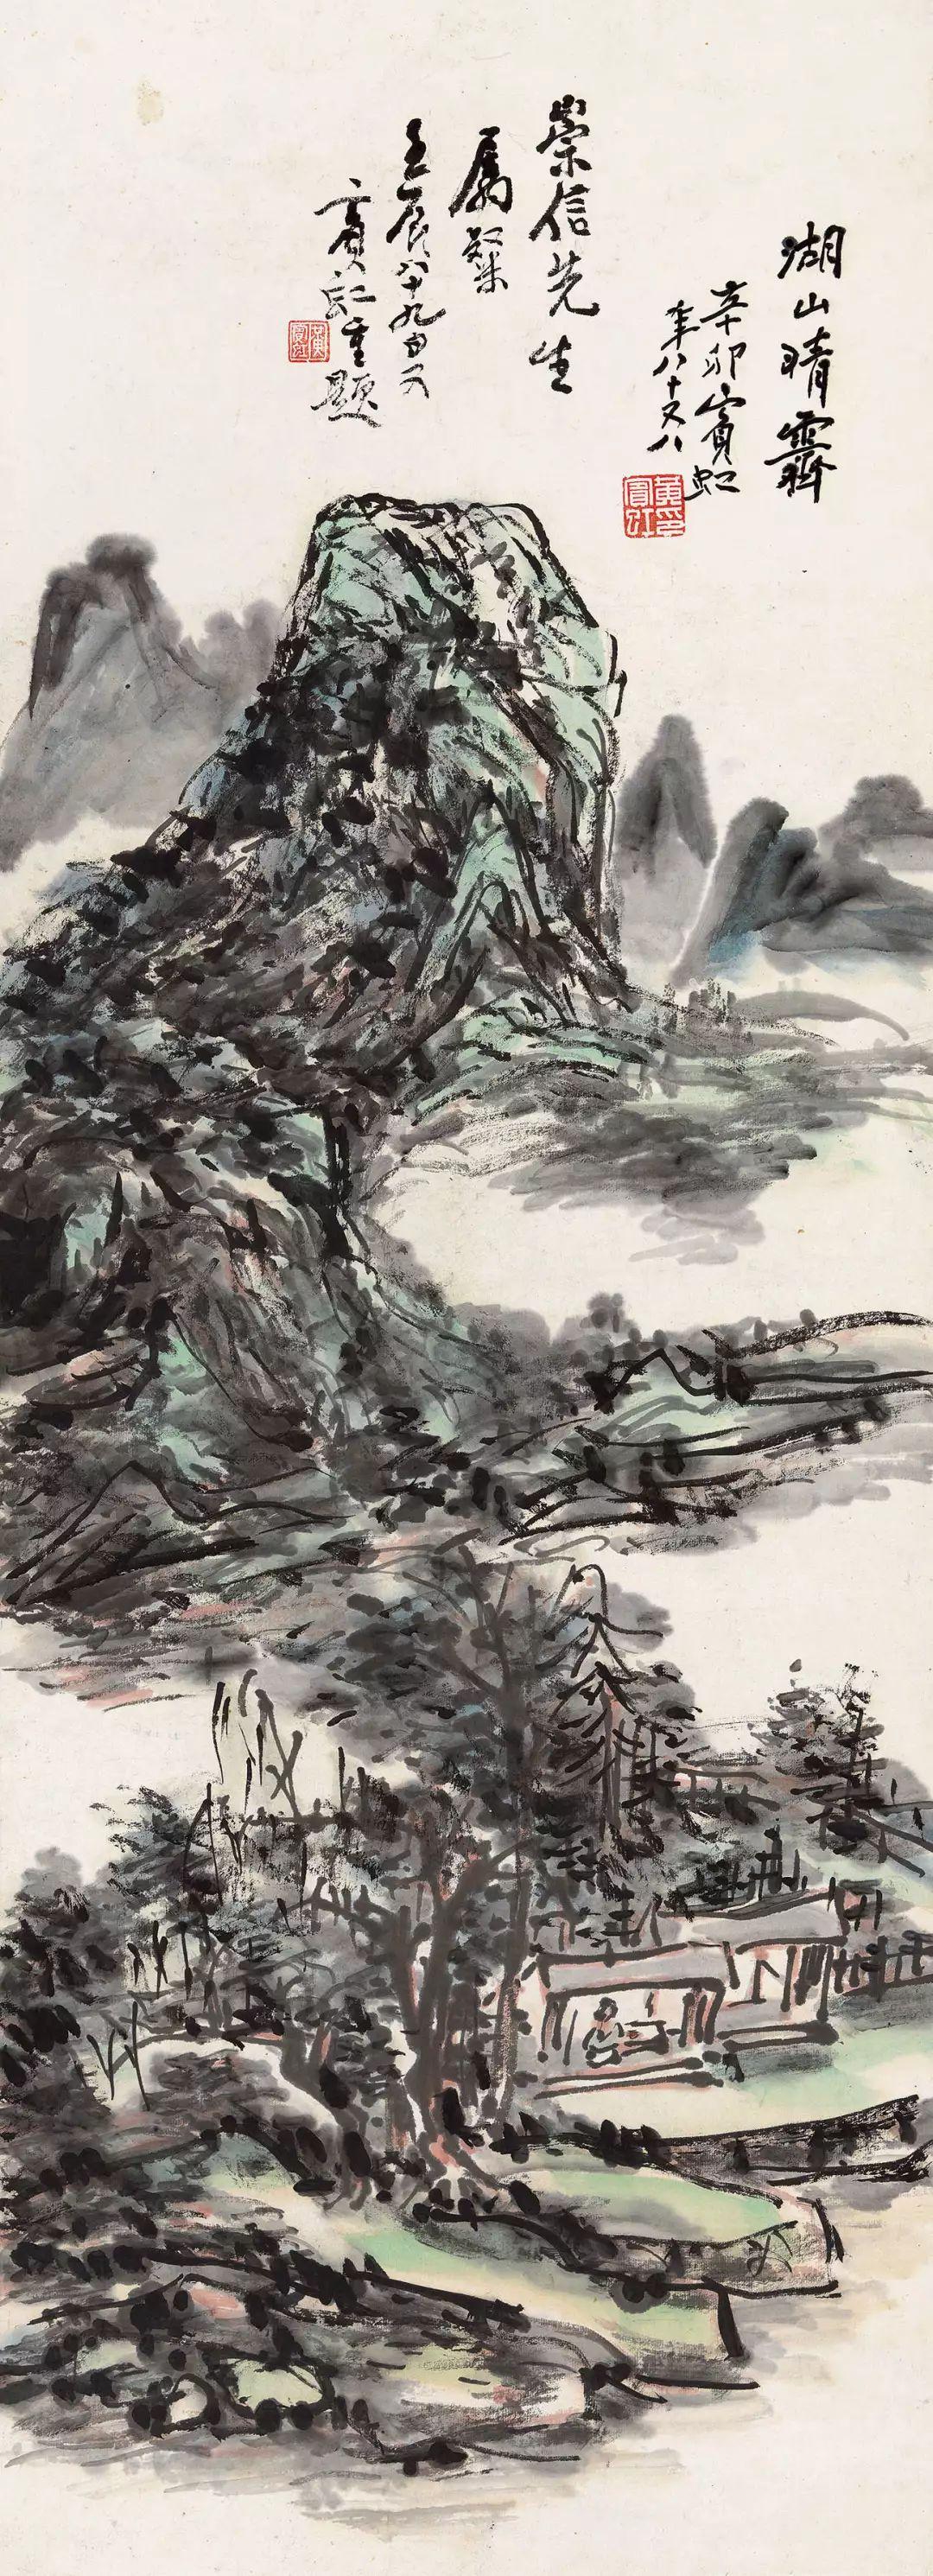 1.4375亿元!吴冠中《狮子林》创其中国画最高价纪录!插图40